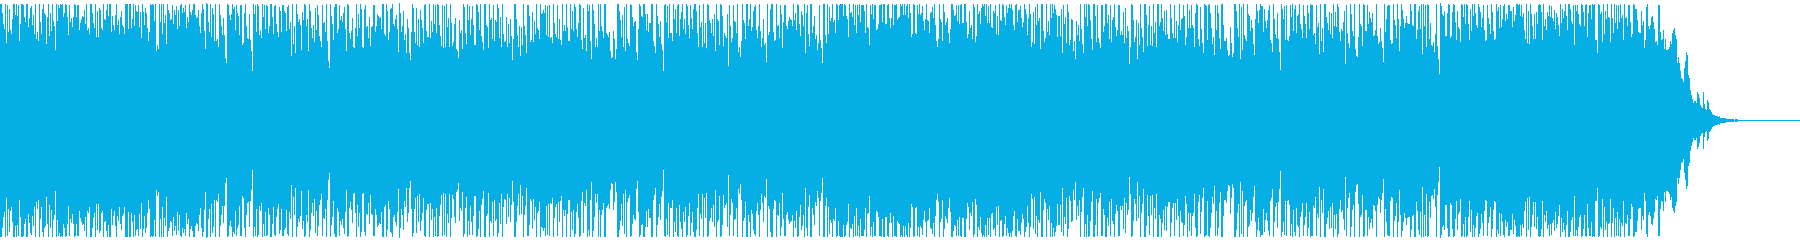 優しくノスタルジックな3拍子曲の再生済みの波形